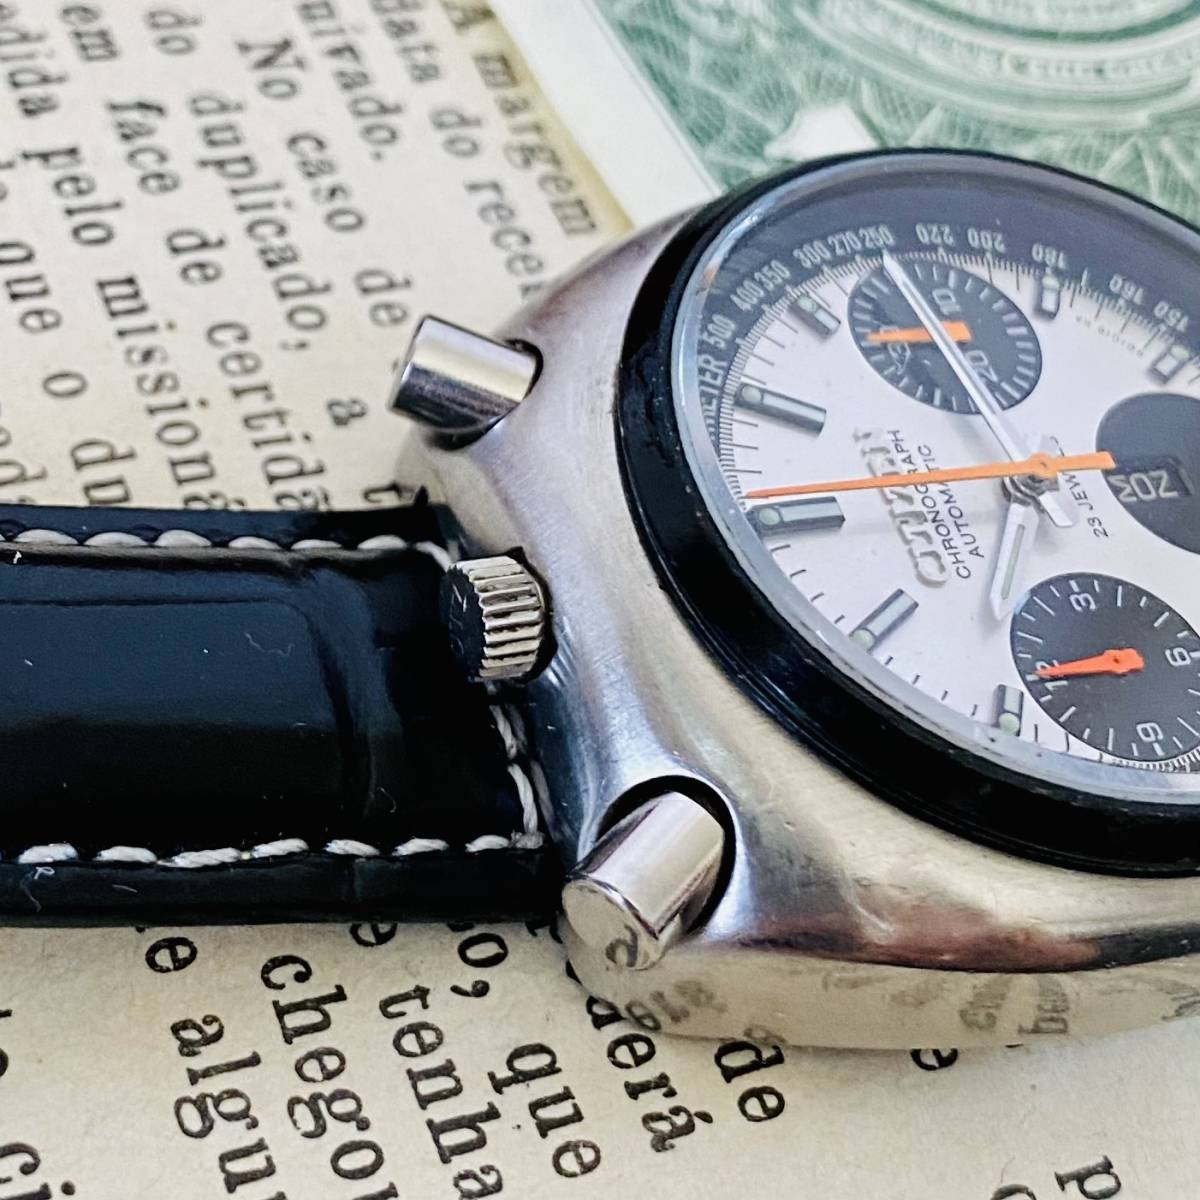 【高級腕時計 シチズン】CITIZEN 8110A クロノグラフ 自動巻 1979年 デイデイト ツノ メンズ レディース アナログ パンダ チャレンジ_画像7